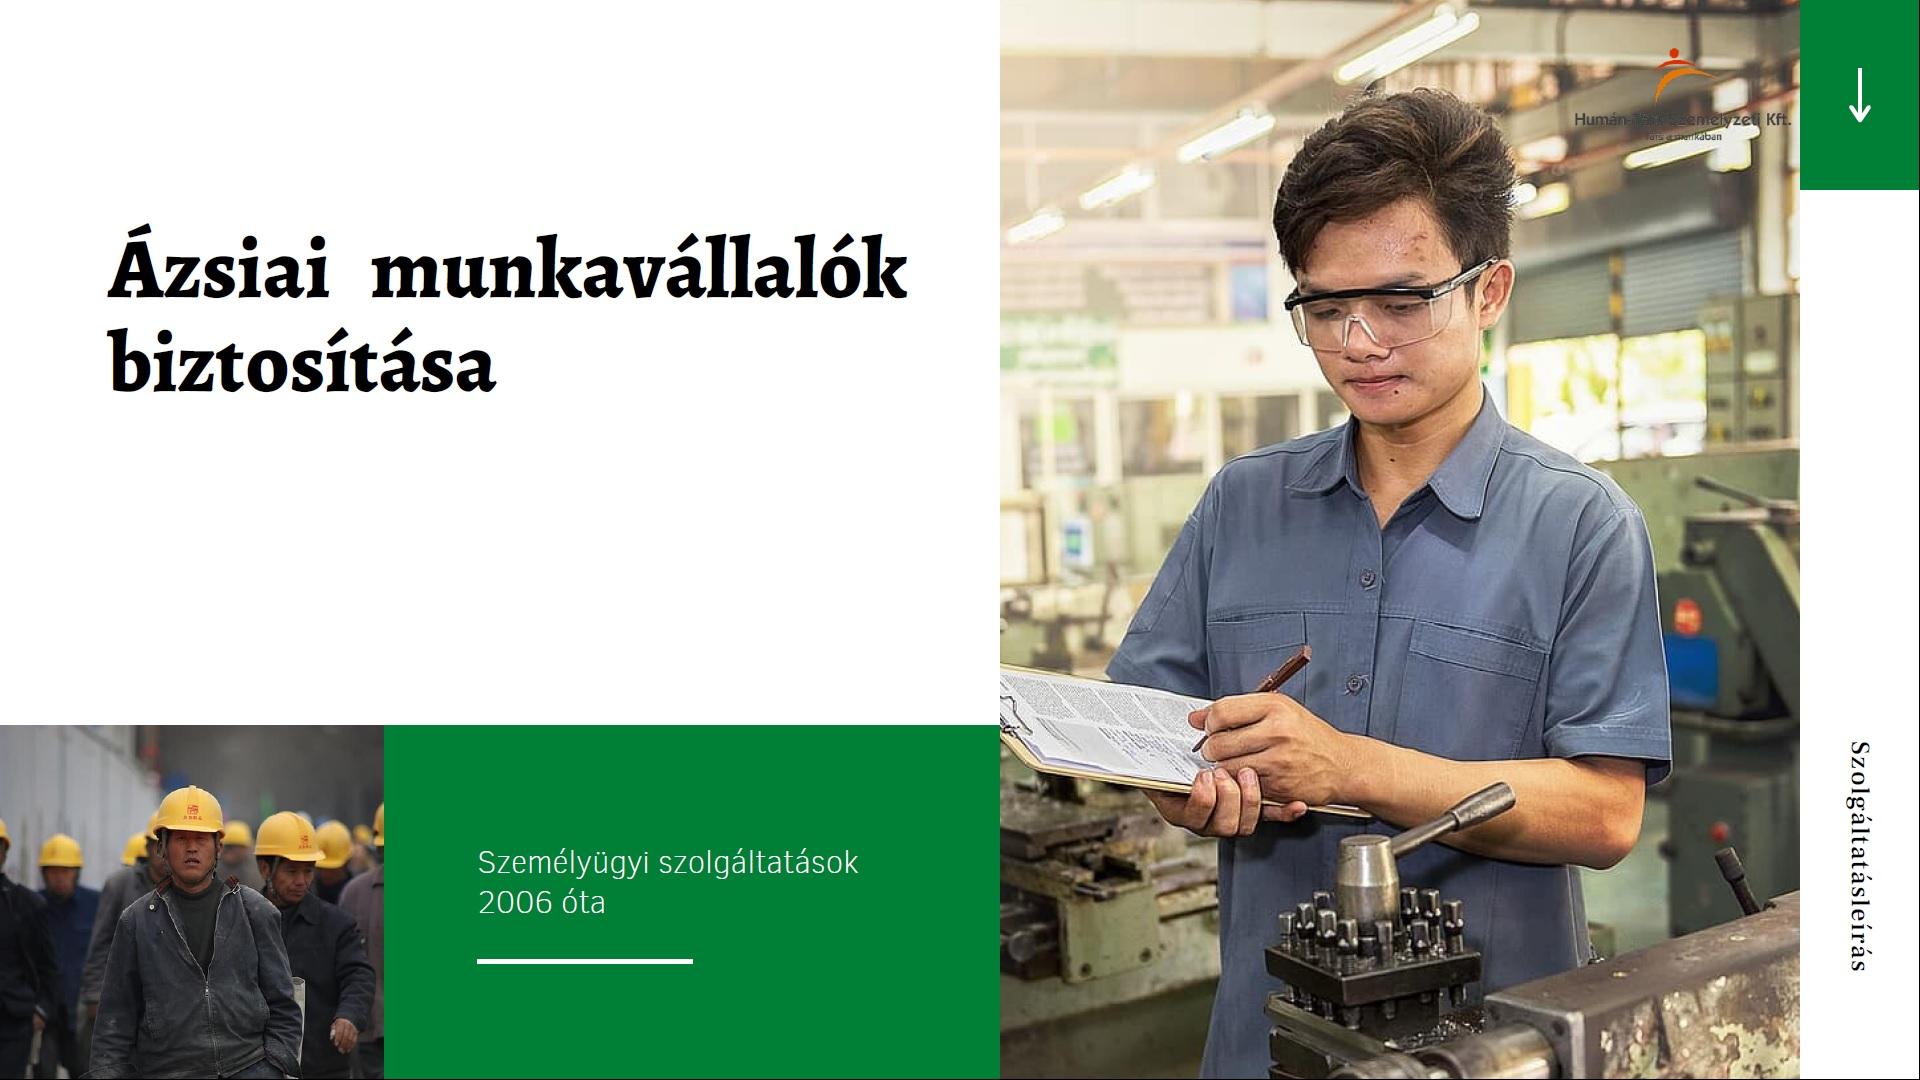 humántárs munkaerő kölcsönzés közvetítés toborzás ázsiai munkaerő